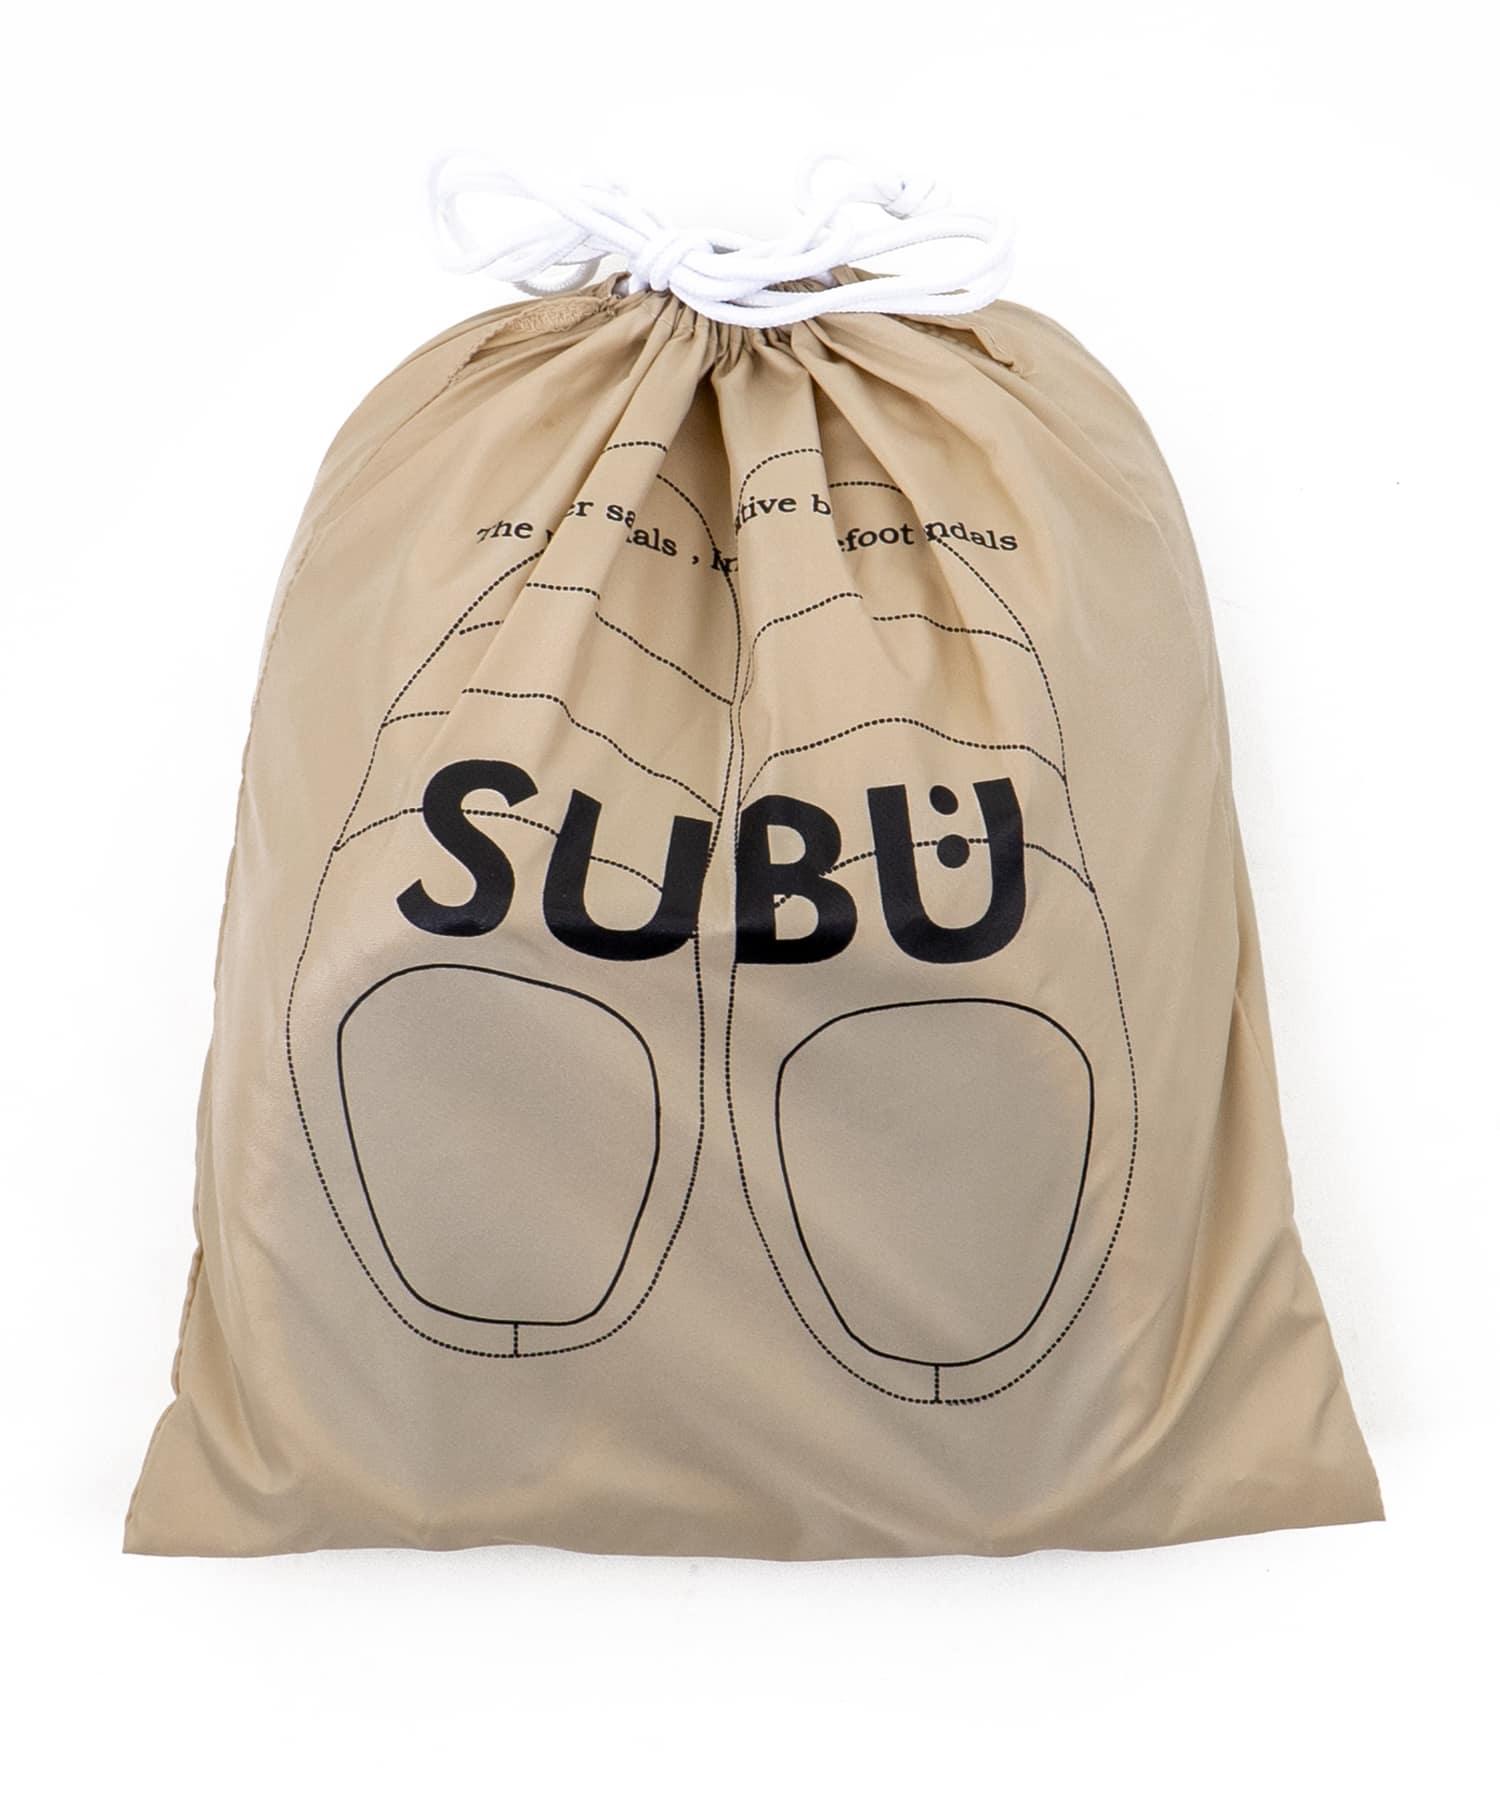 BIRTHDAY BAR(バースデイバー) 【SUBU スブ】Permanent Collection ウィンターサンダル